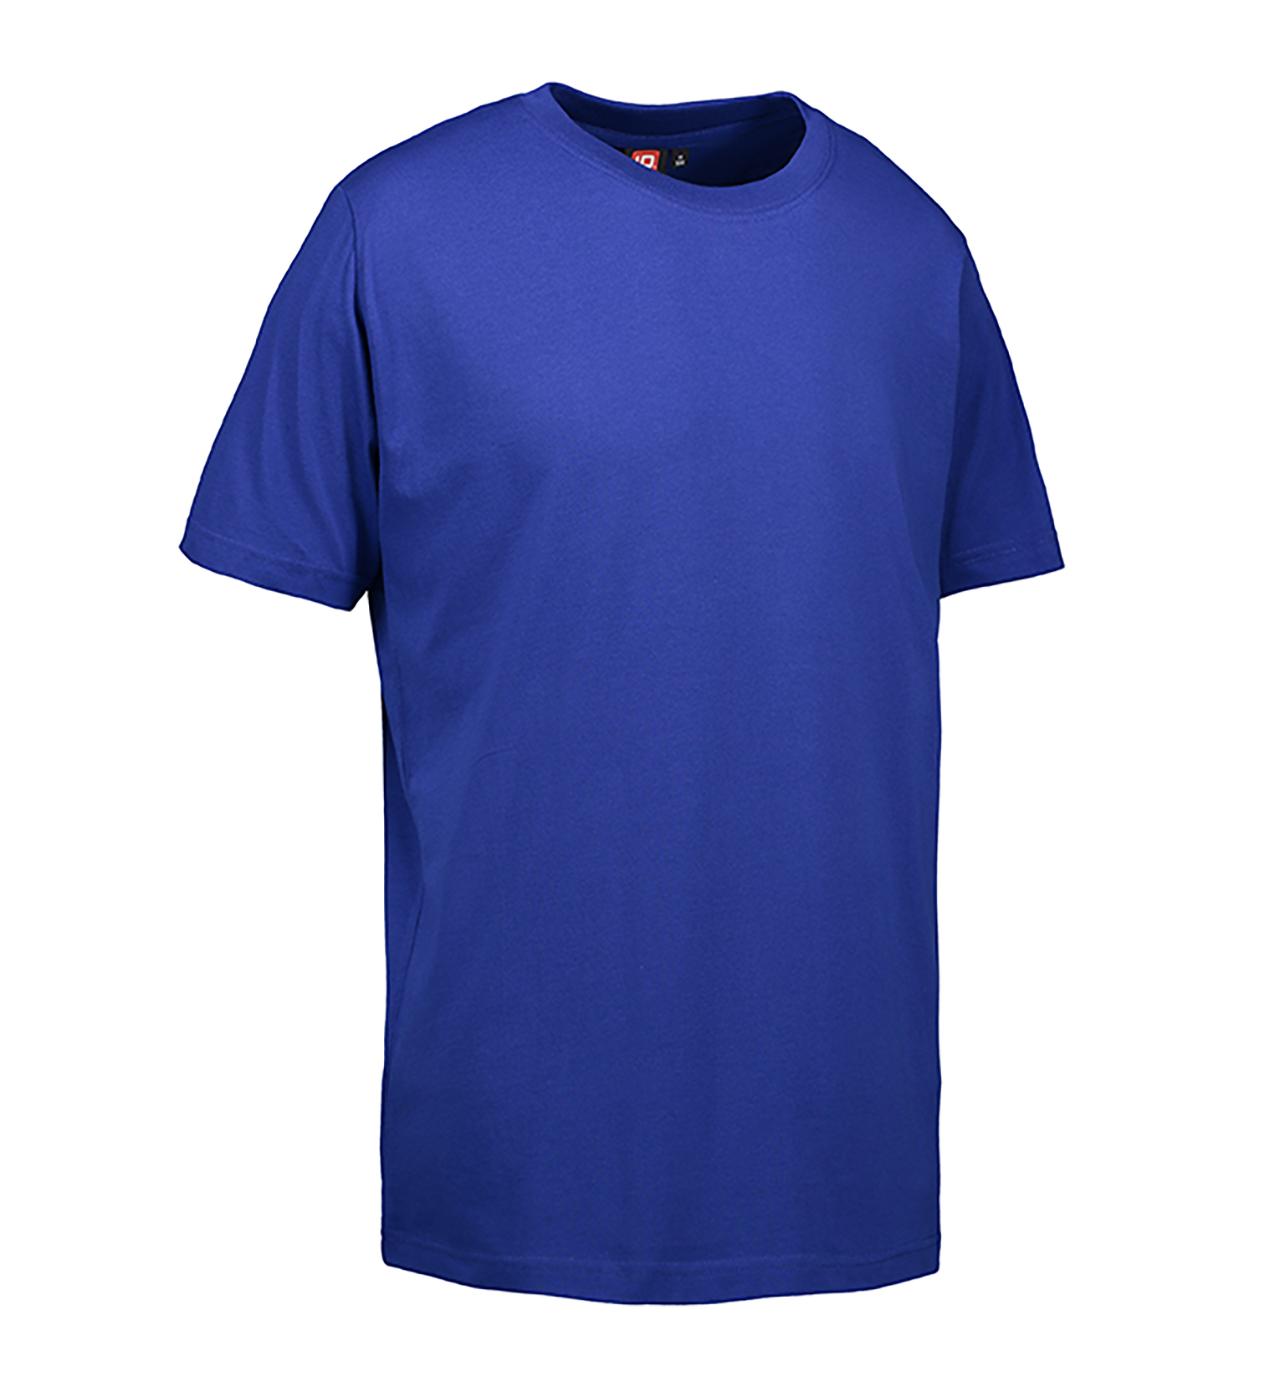 66d26bab8b3ac2 Vorschau  GAME Herren T-Shirt ...